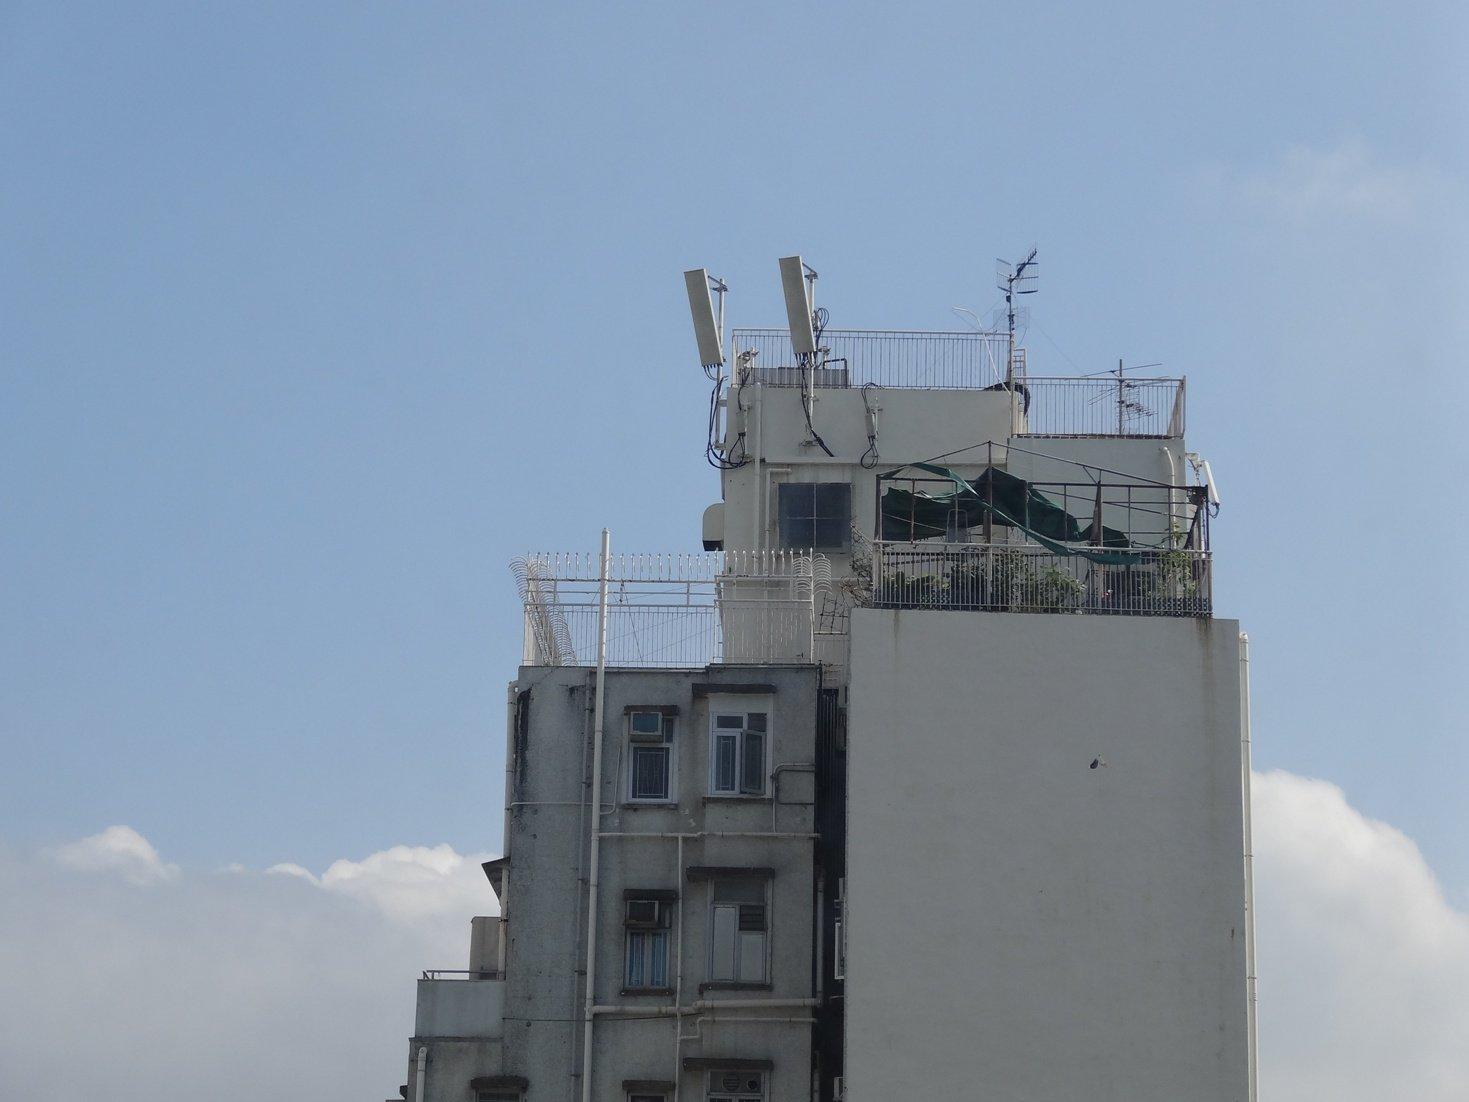 電磁波日記 HK EMF: 鴨脷洲與電磁波輻射 (高寶閣)